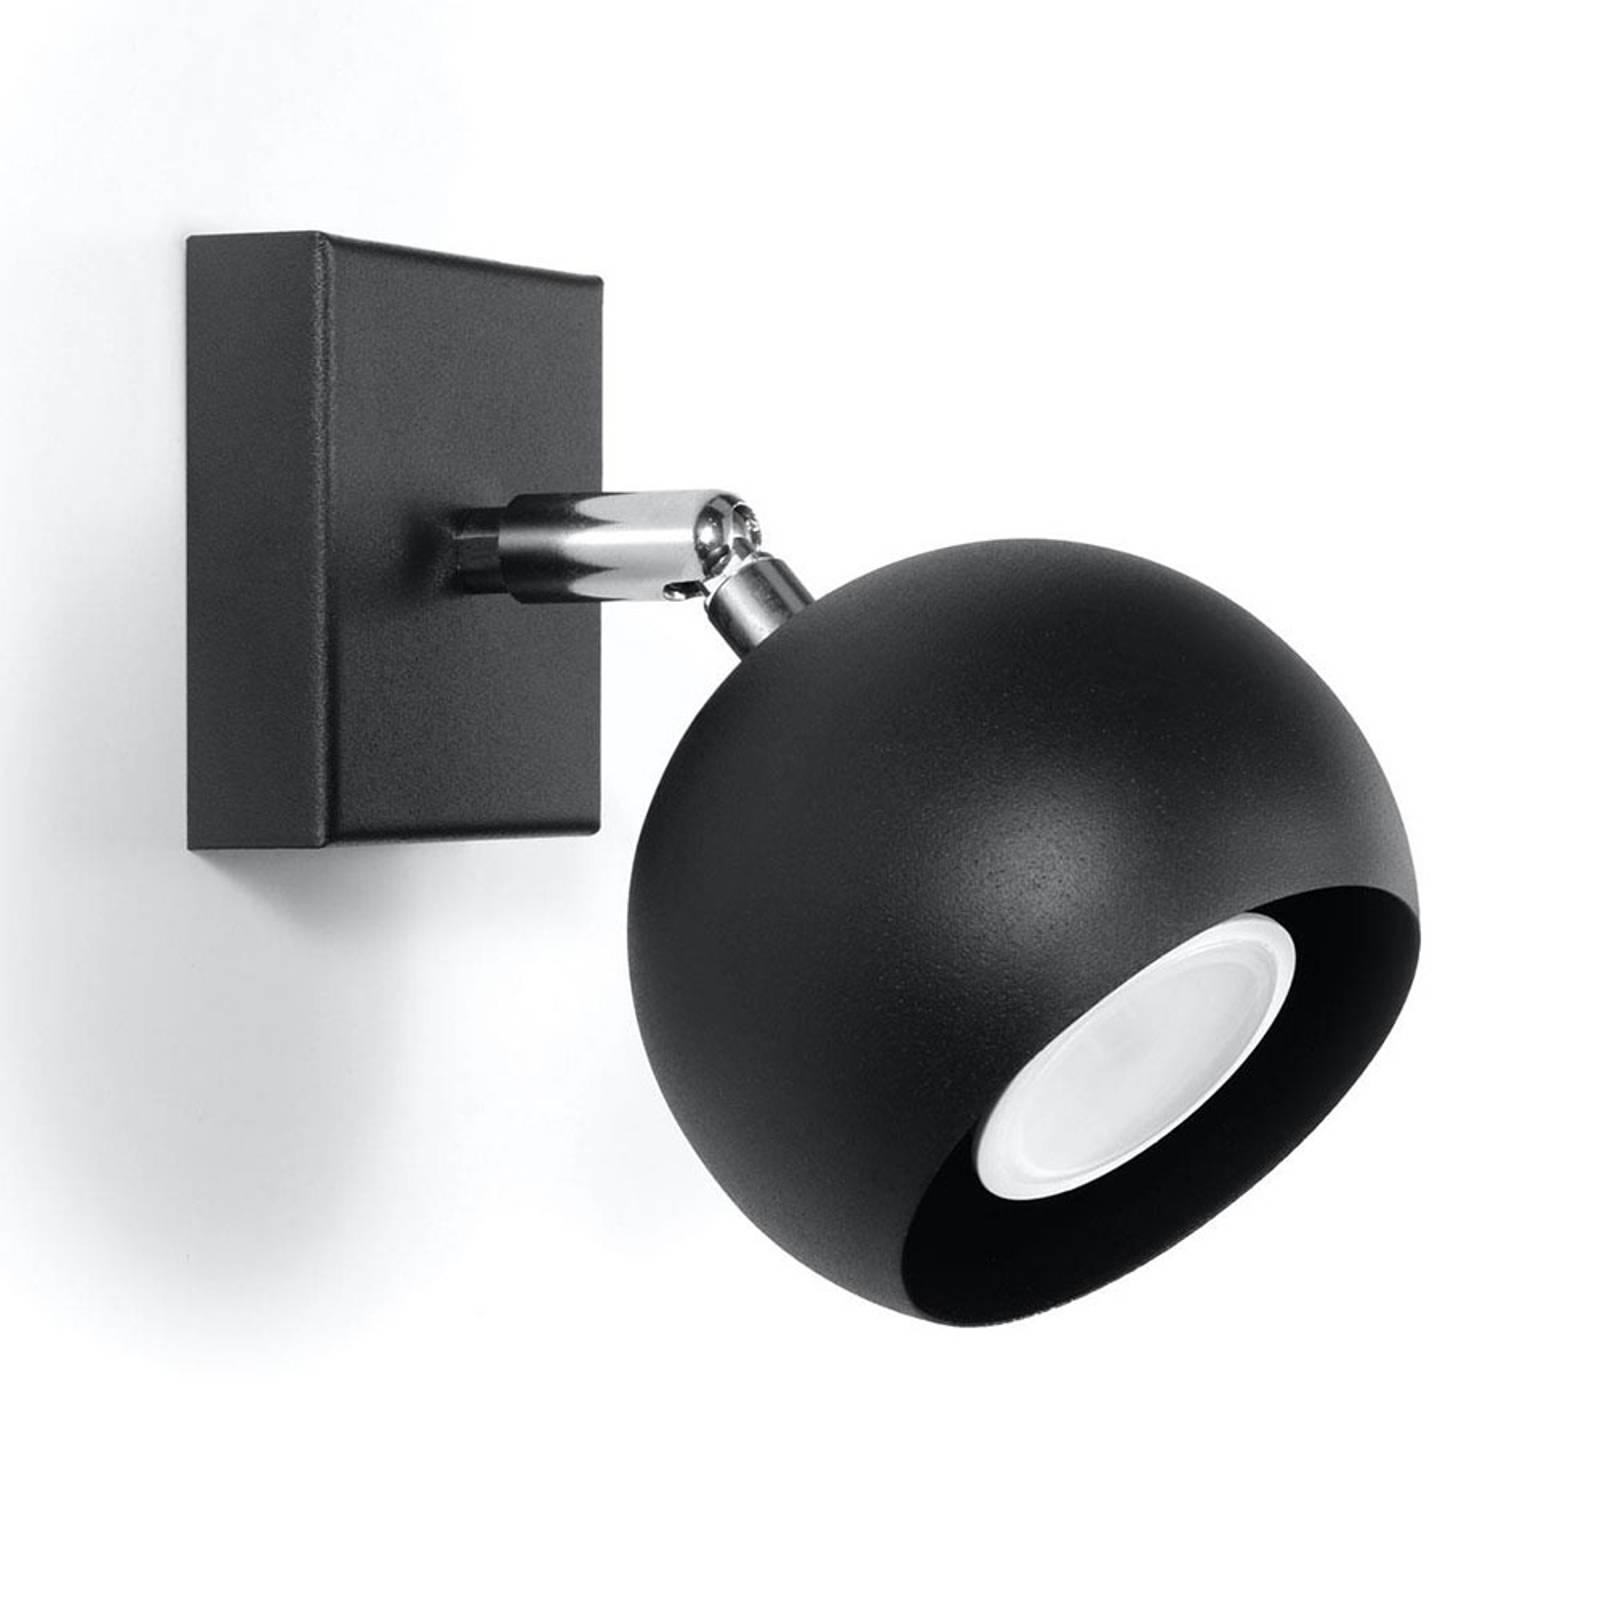 Seinäkohdevalaisin Flame terästä, musta